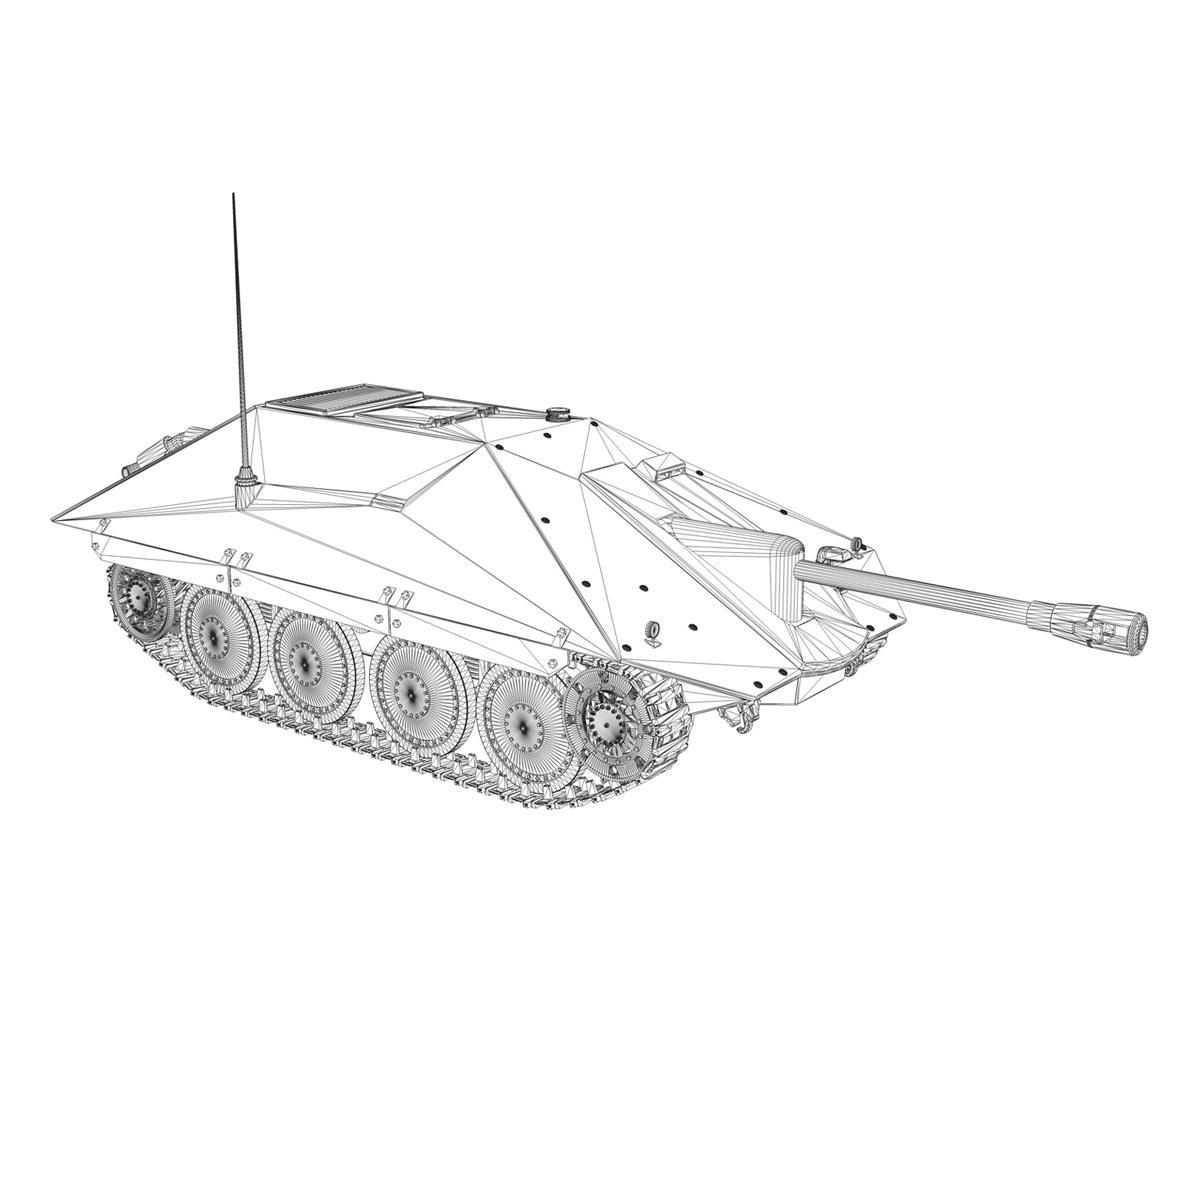 maresal m06 – romanian tank destroyer 3d model 3ds fbx c4d lwo obj 188896